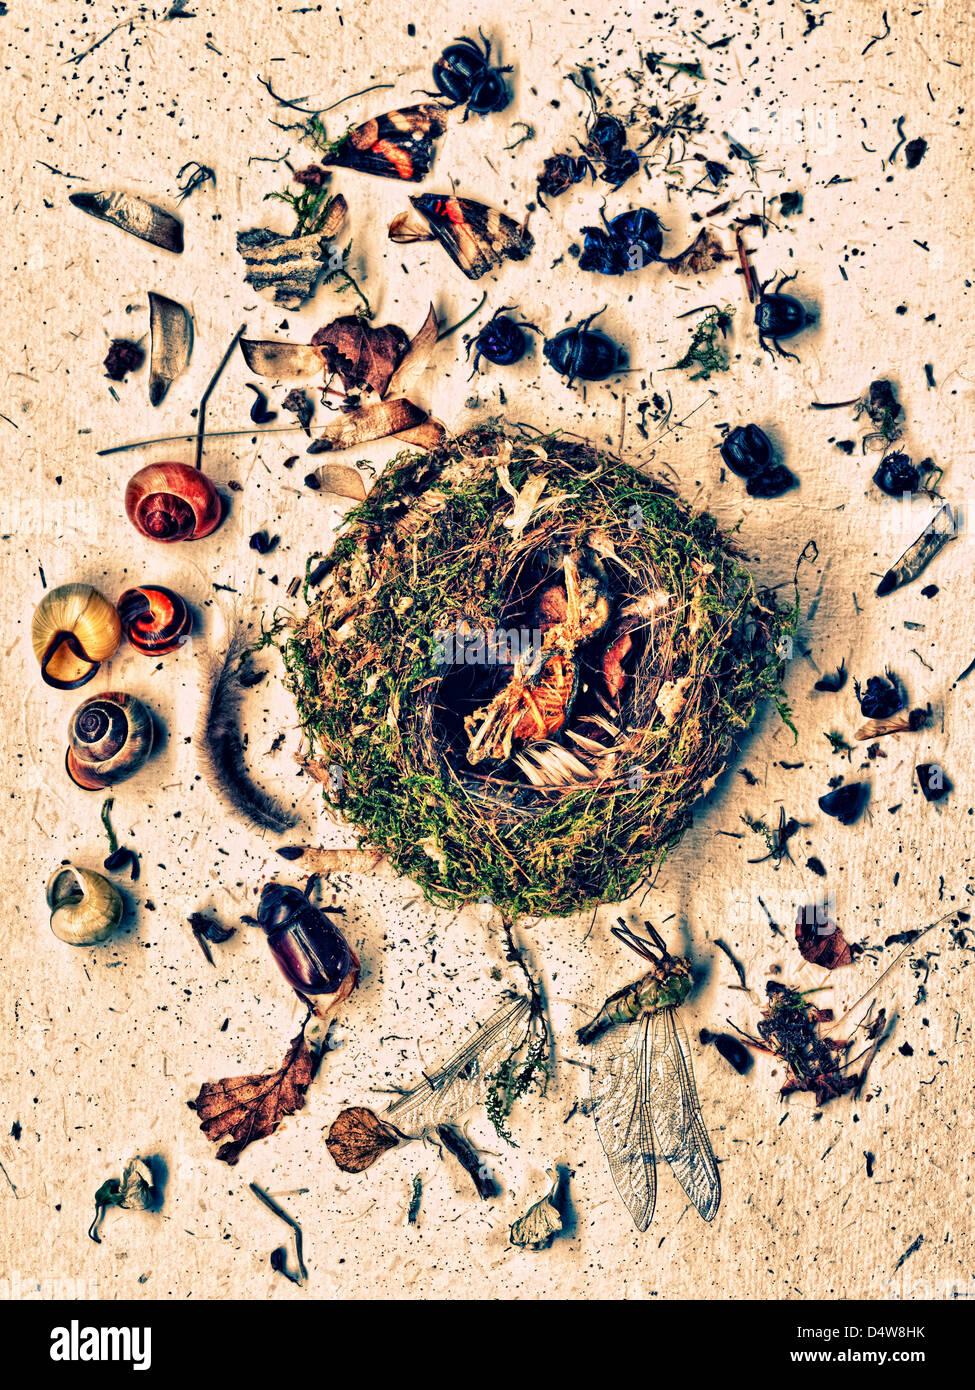 Les plantes et les insectes autour de nest Photo Stock